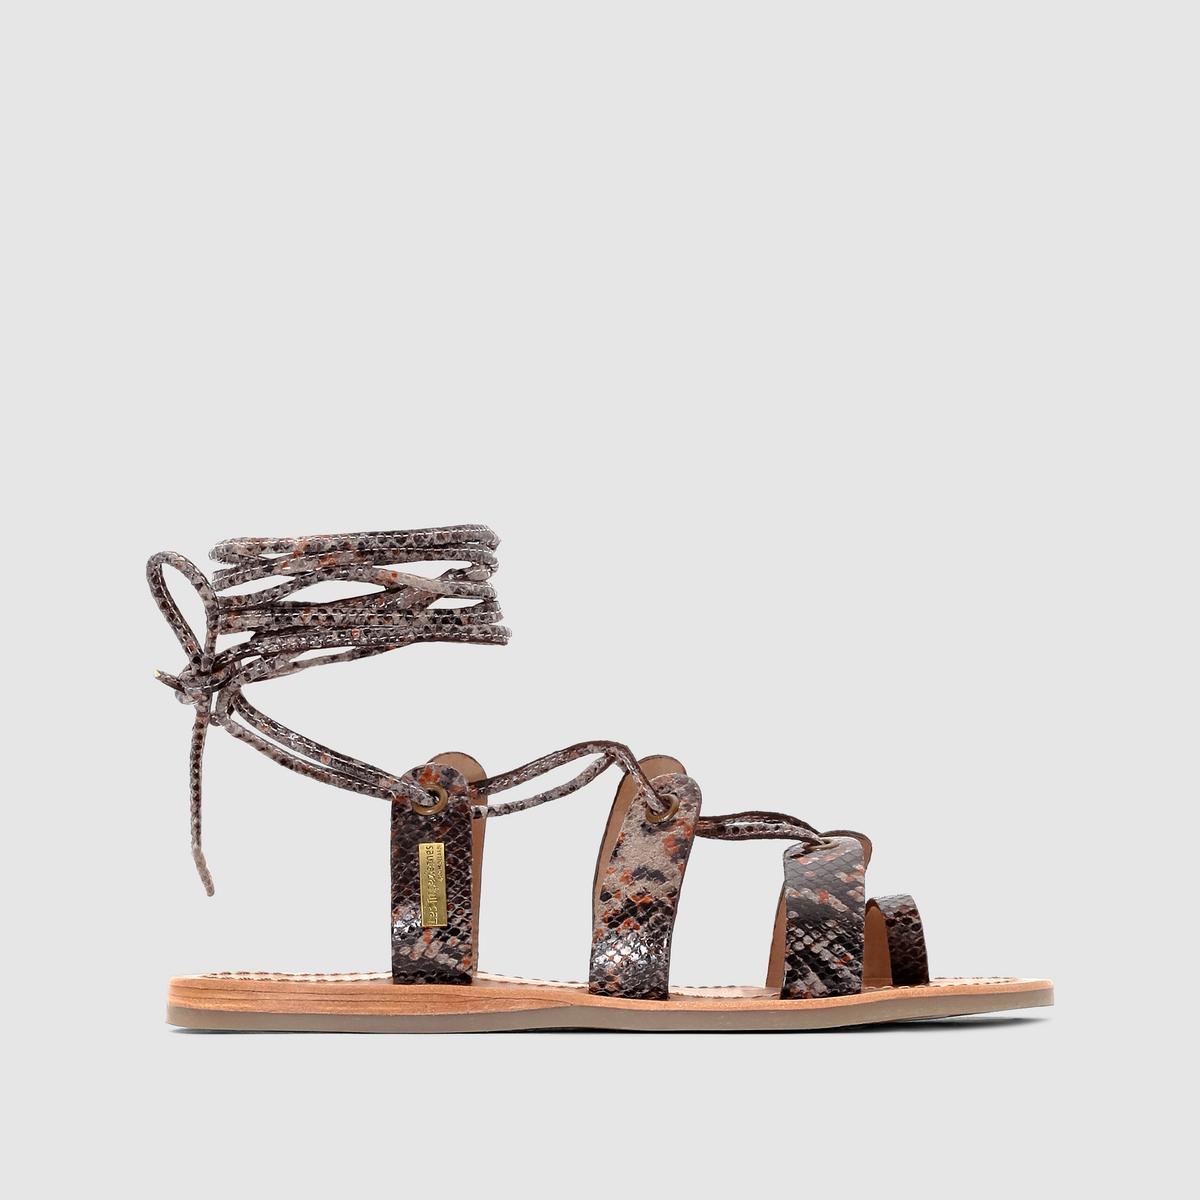 Сандалии из кожи Bird, со шнуровкой на щиколотке и плоской подошвой3 широких ремешка сверху, шнуровка, деликатно оплетающая лодыжку, кожа высокого качества под рептилию ... Вы будете выглядеть естественно и сексуально этим летом !<br><br>Цвет: каштановый/ящерица<br>Размер: 37.36